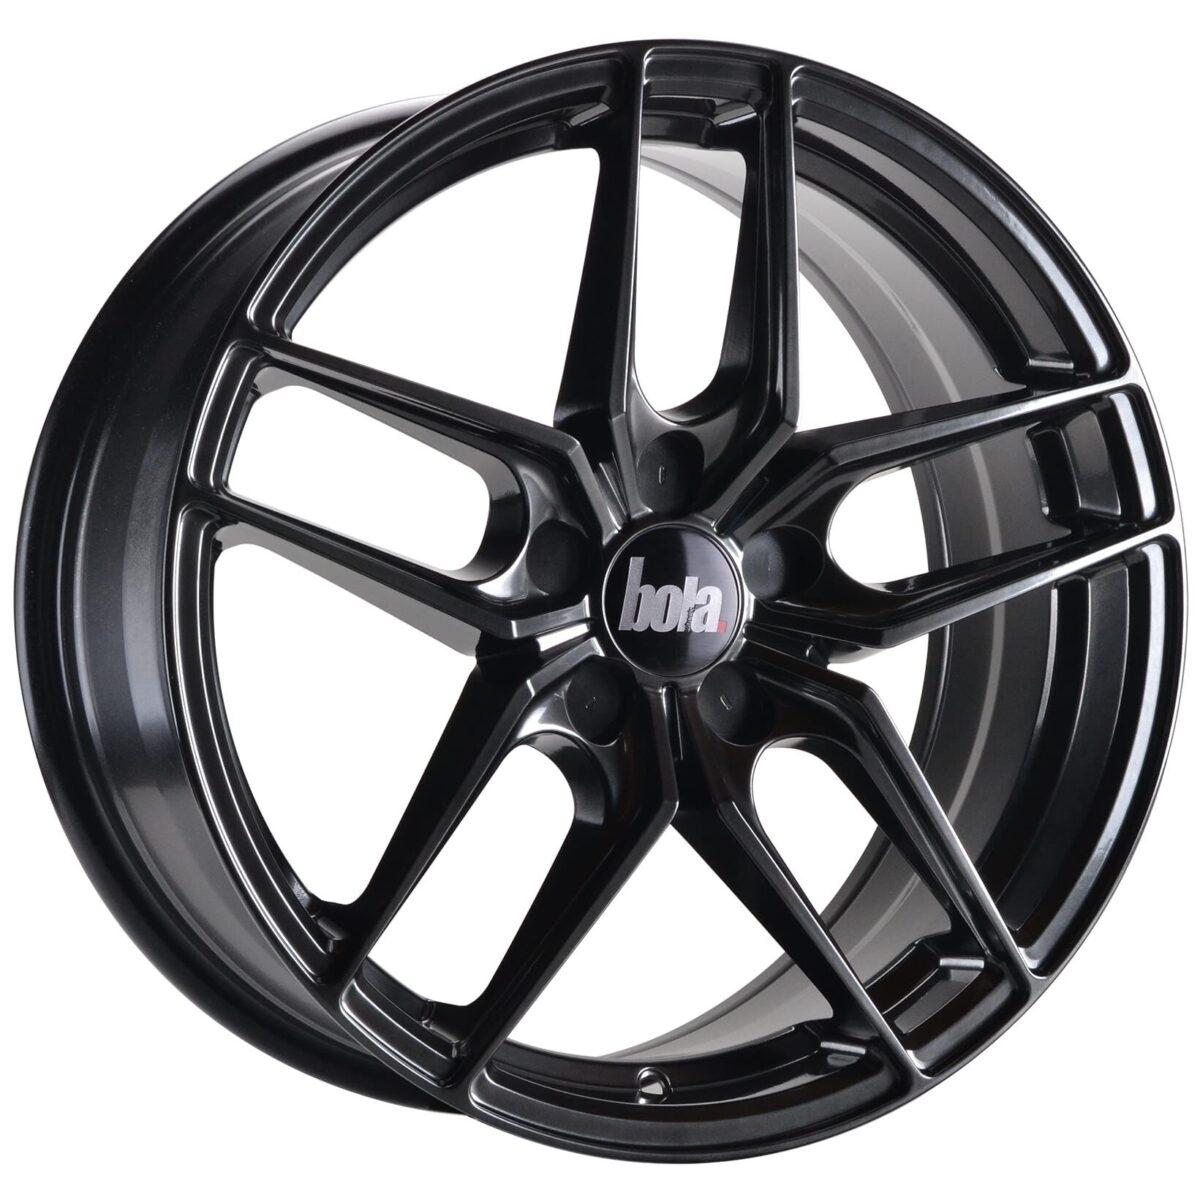 """18"""" BOLA B11 Wheels - Hyper Black - VW / Audi / Mercedes - 5x112"""